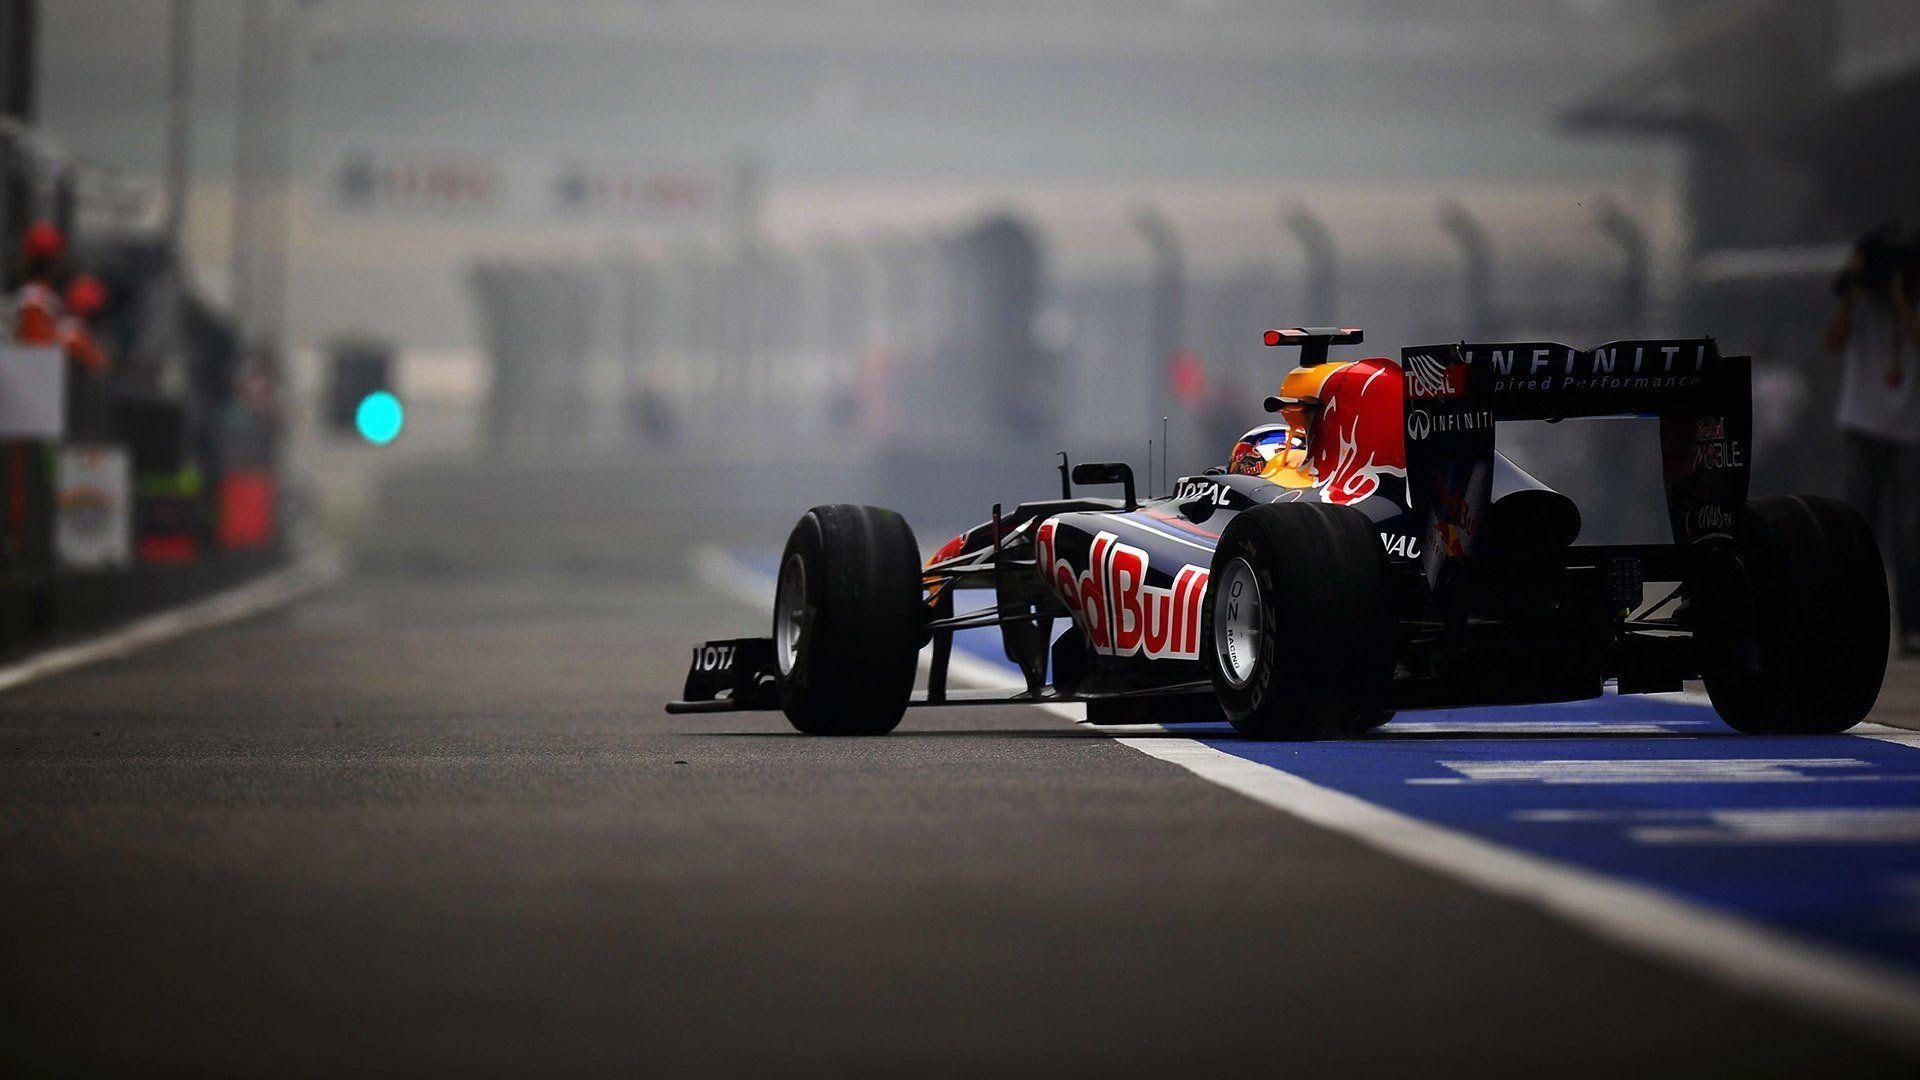 Sports Formula 1 wallpaper Designs